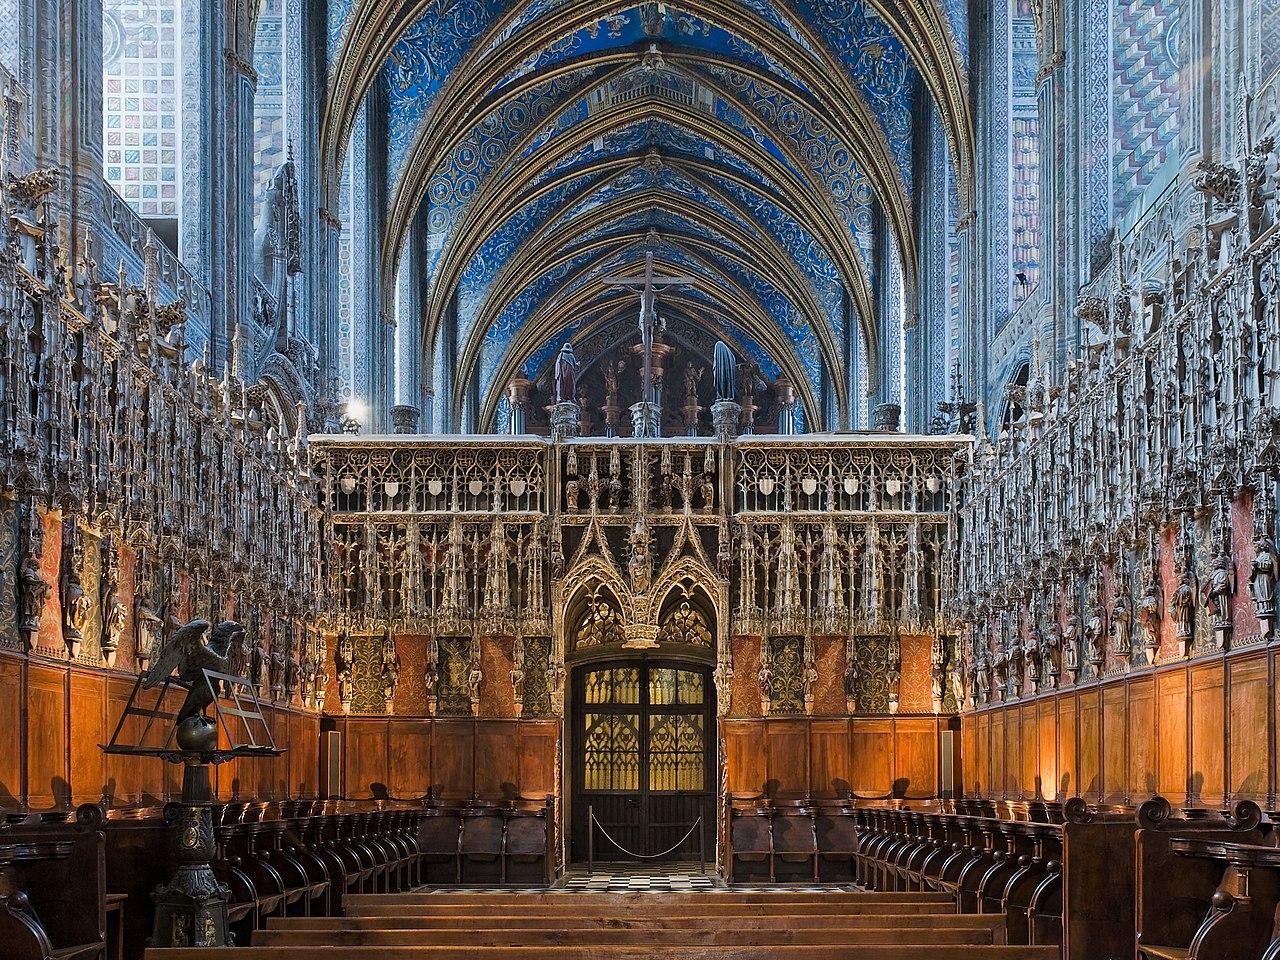 Bon samedi 1280px-Albi_cathedral_-_choir_and_choir_screen